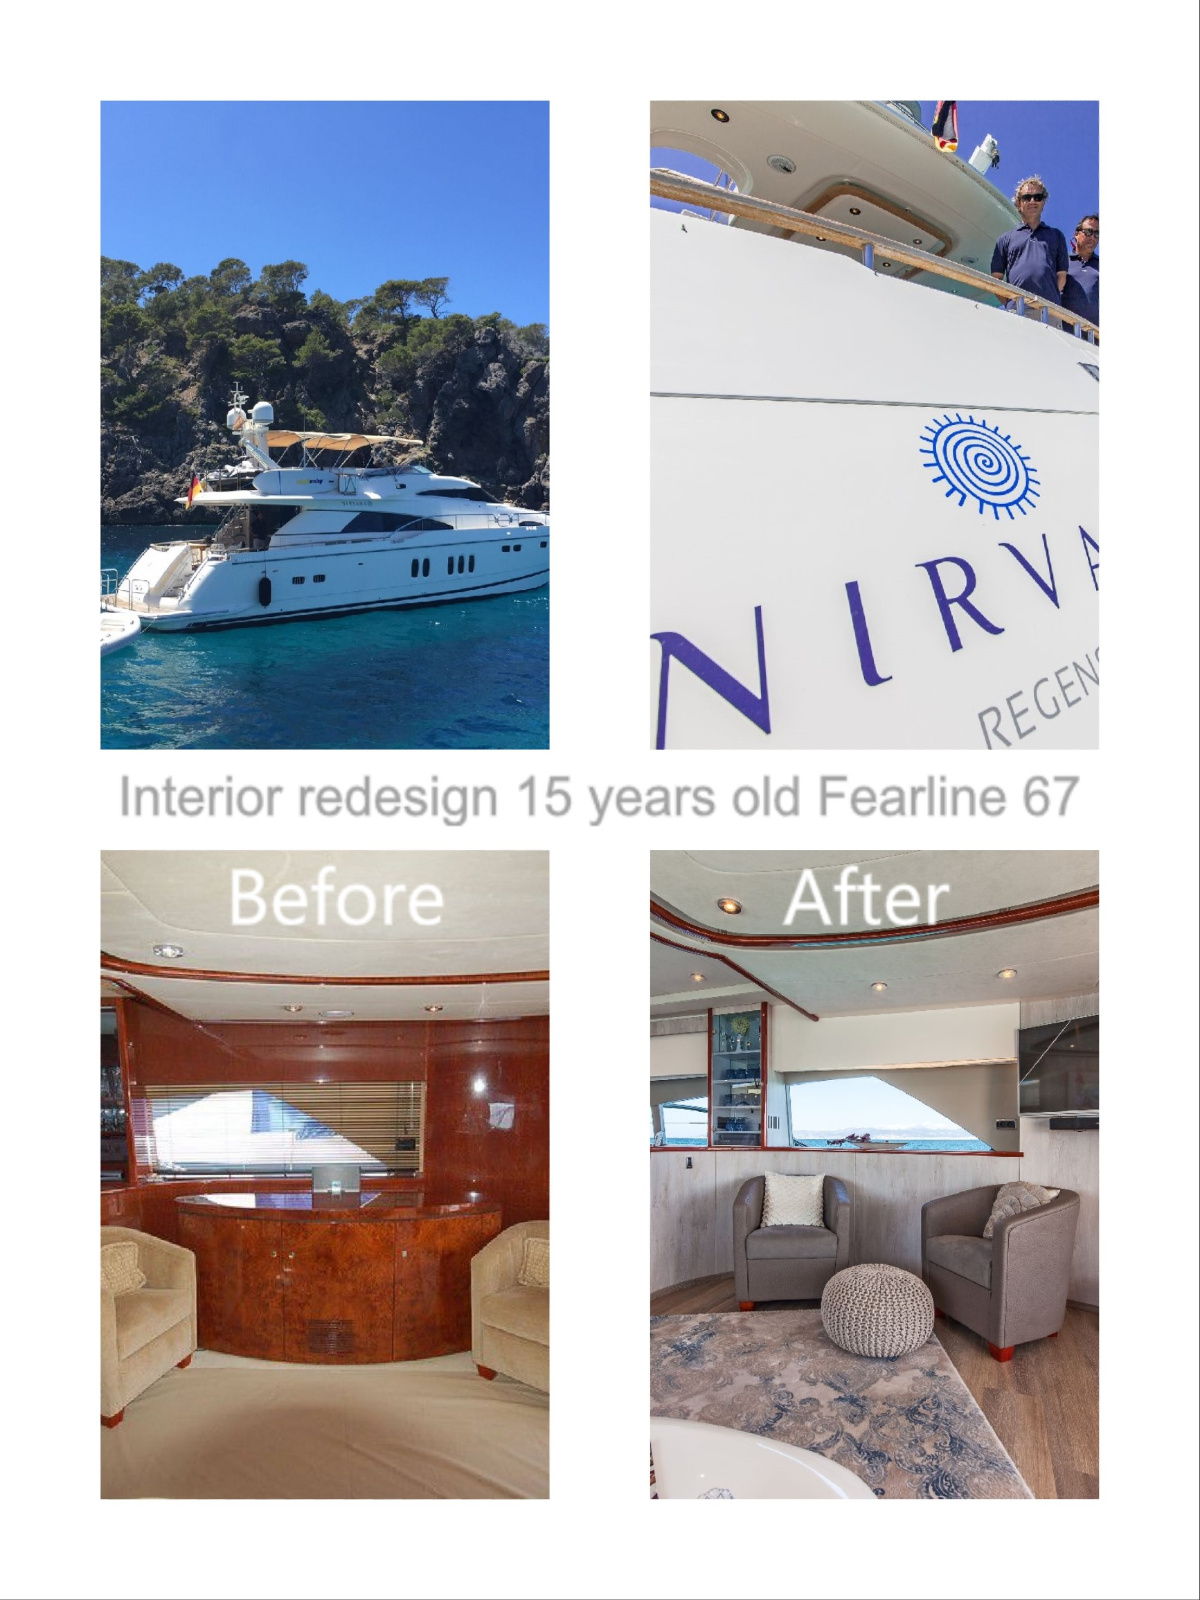 Interior redesign for Interior redesign